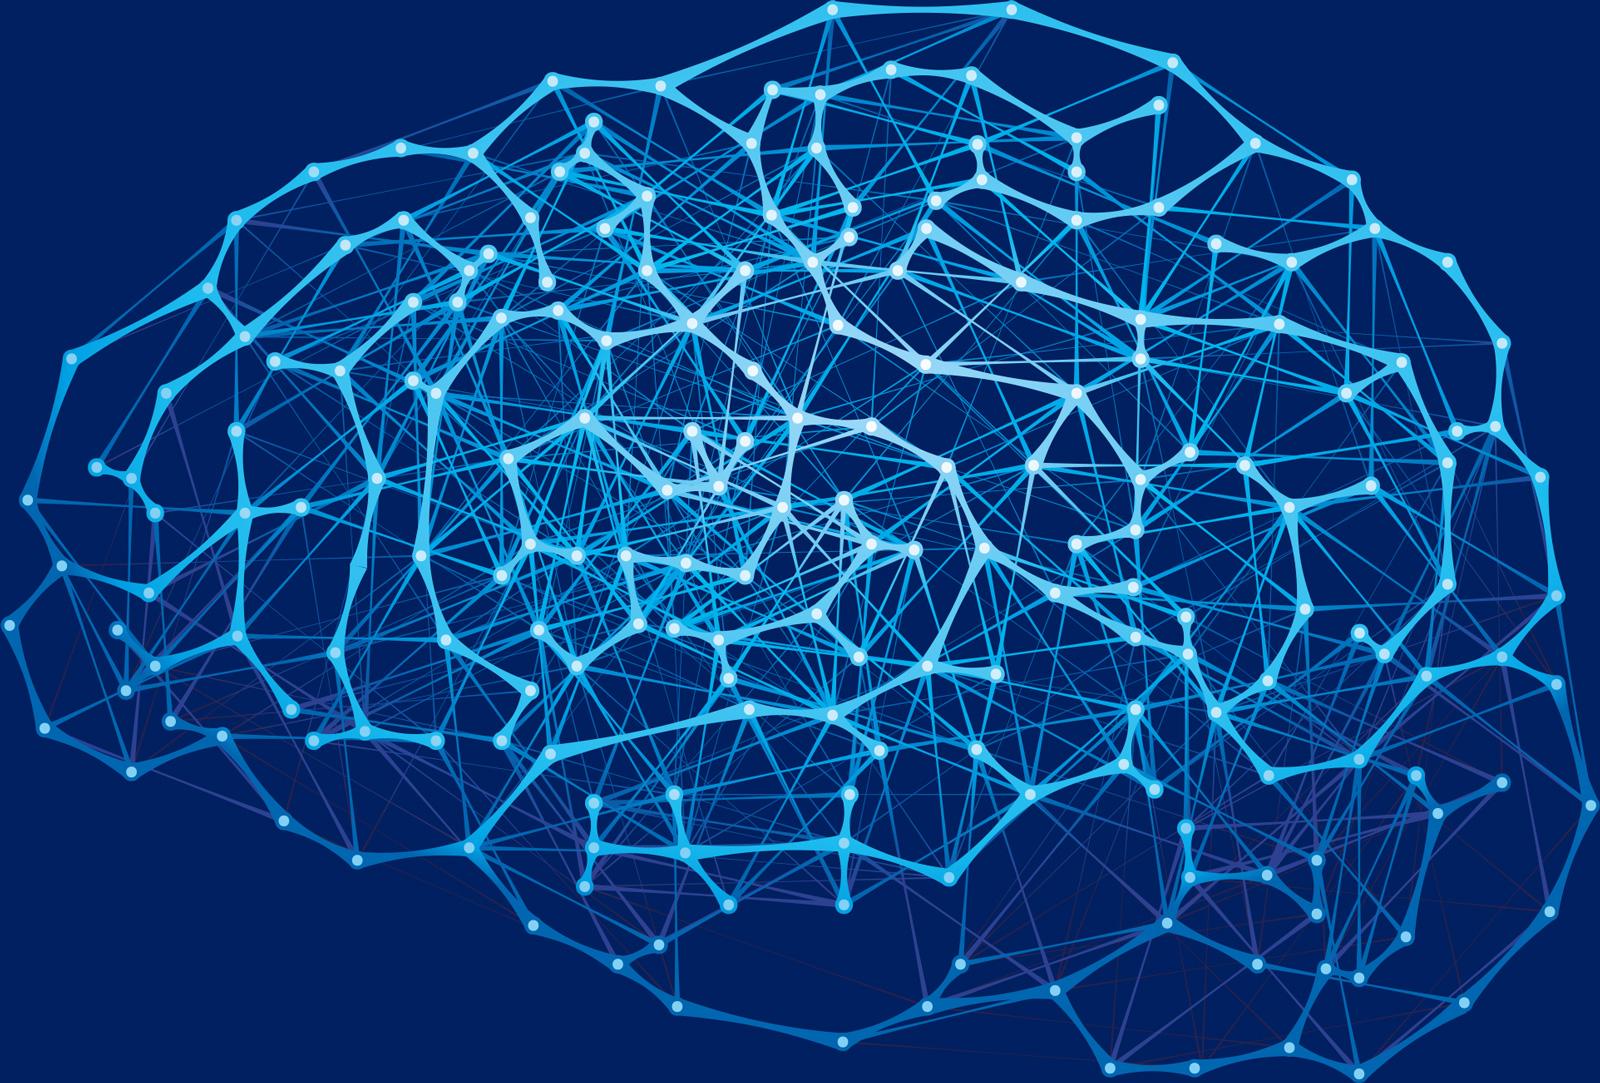 Die Analyse der Persönlichkeit: Welche Präferenzen haben wir? Wie treffen wir Entscheidungen?